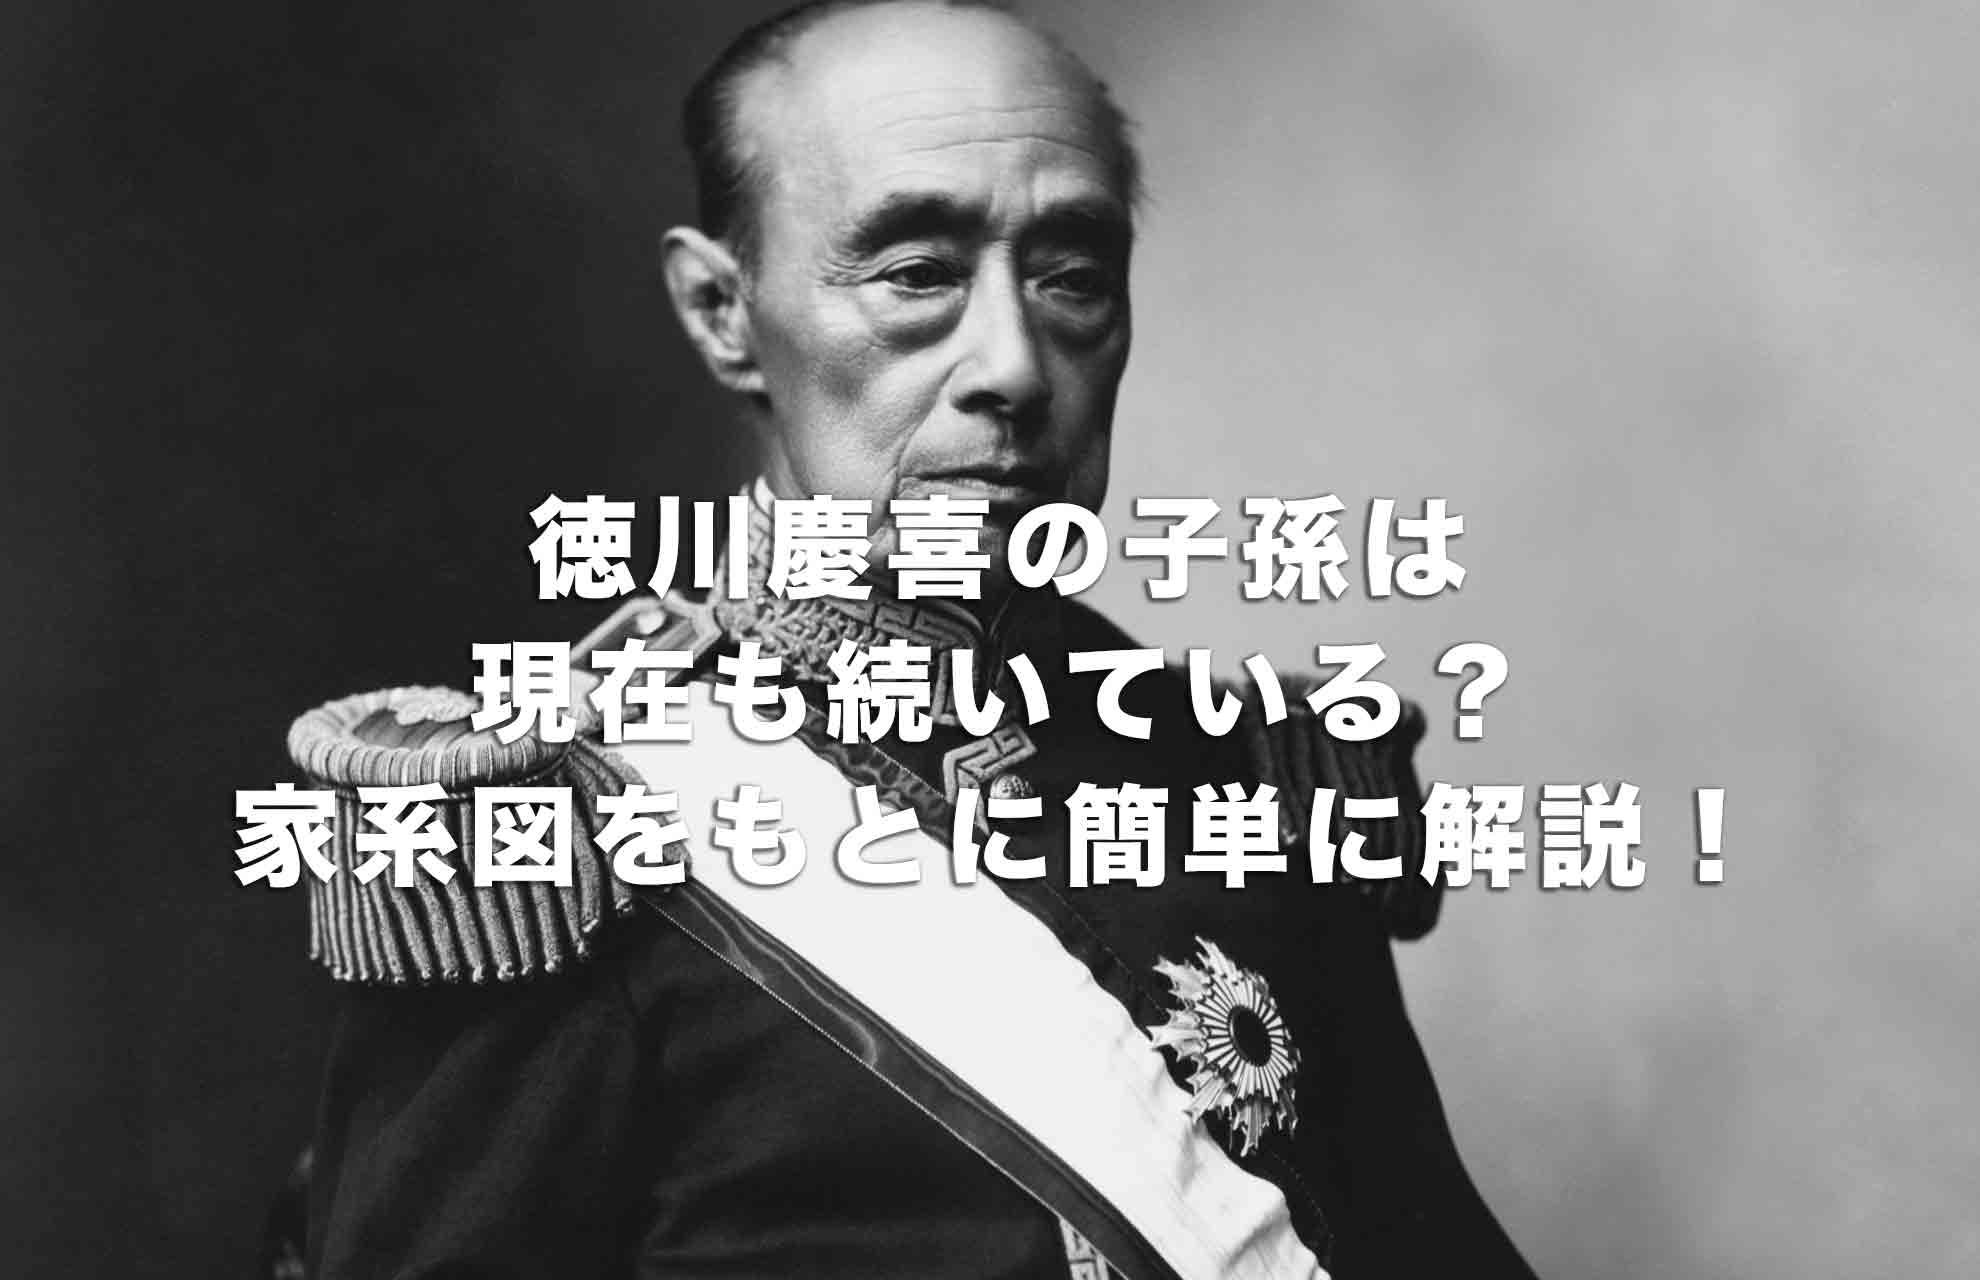 徳川慶喜の子孫の現在も続いている?家系図をもとに簡単に解説!